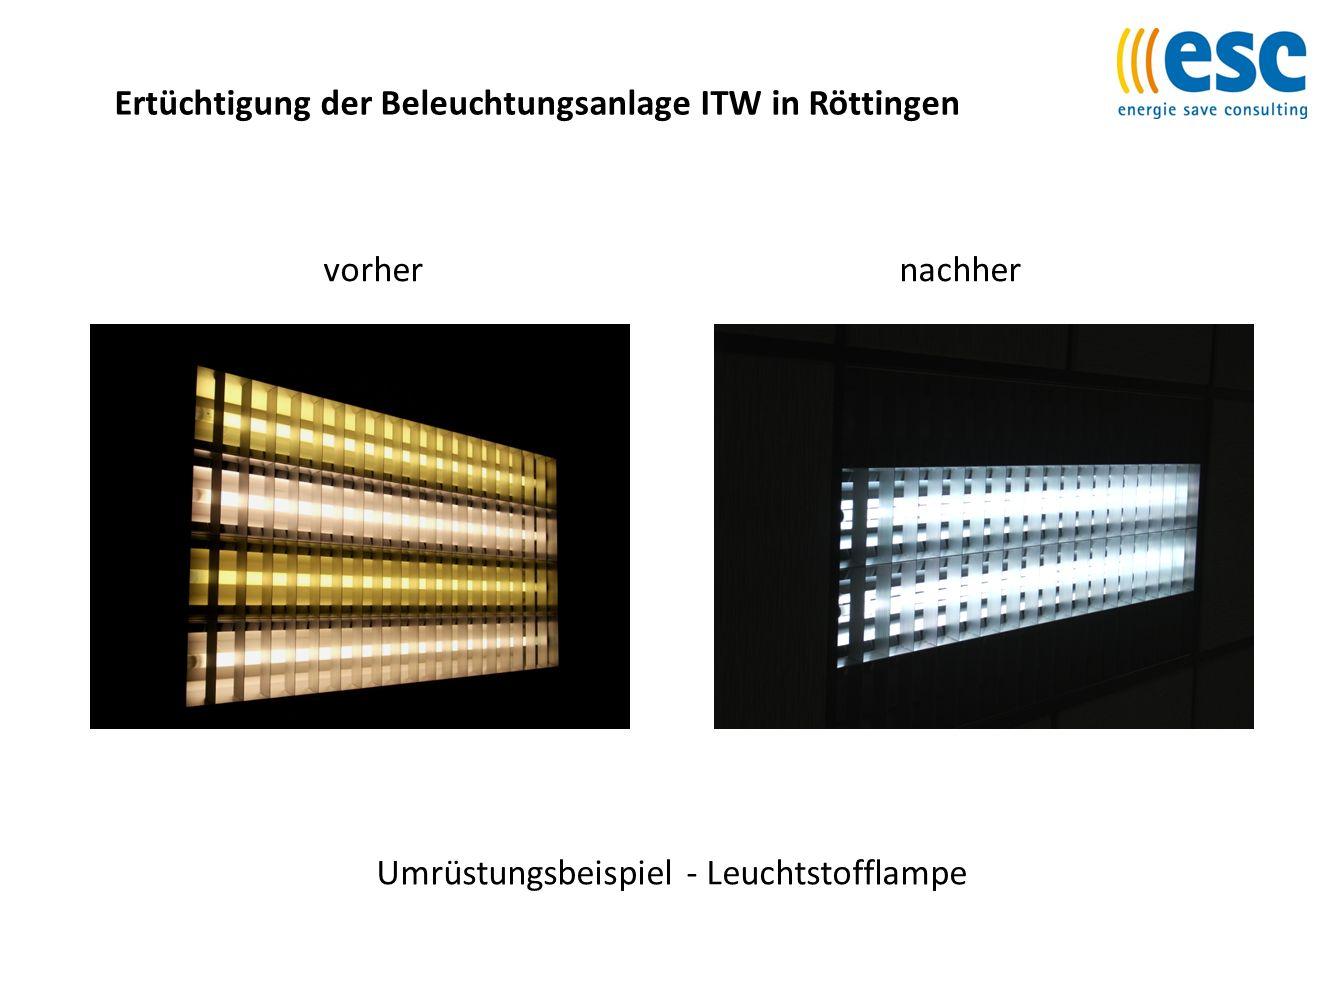 Ertüchtigung der Beleuchtungsanlage ITW in Röttingen Umrüstungsbeispiel – Quecksilberdampflampe Links: vorherRechts: nachher Vorher: 36 Hallentiefstrahler mit 400W HQL Nachher: 36 Hallen- Flächenleuchten mit 4 x 49W LL Ergebnis: Energieverbrauch: - 54% Verbesserung Licht: + 30% Lampenstandzeit: + 500%